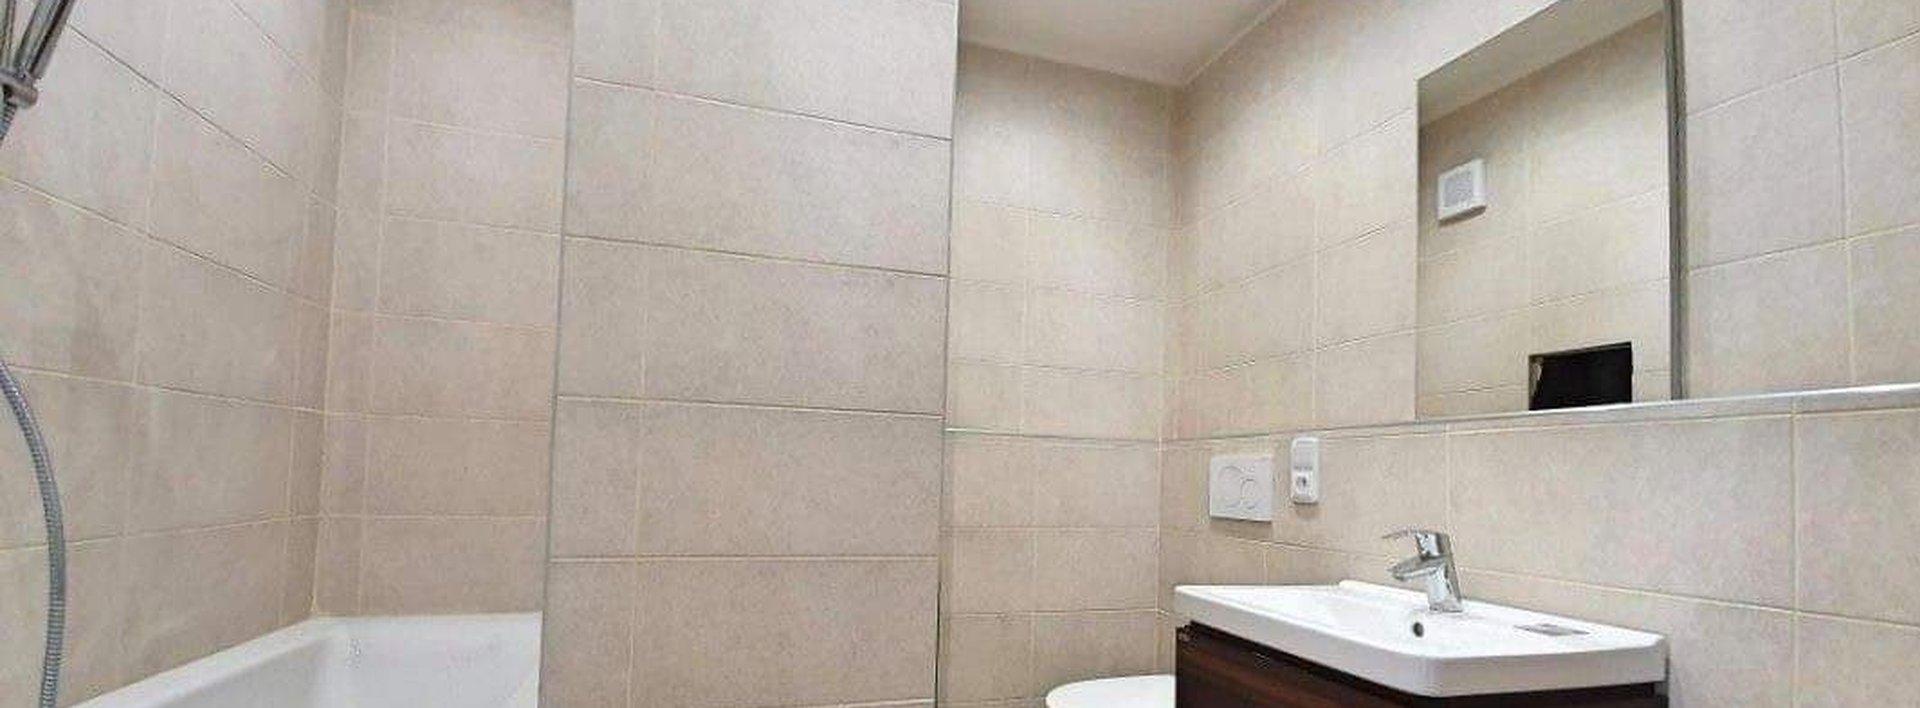 Pronájem bytu 2+kk, 42 m² - Liberec - Broumovská, ul. Soukenická, Ev.č.: N49356